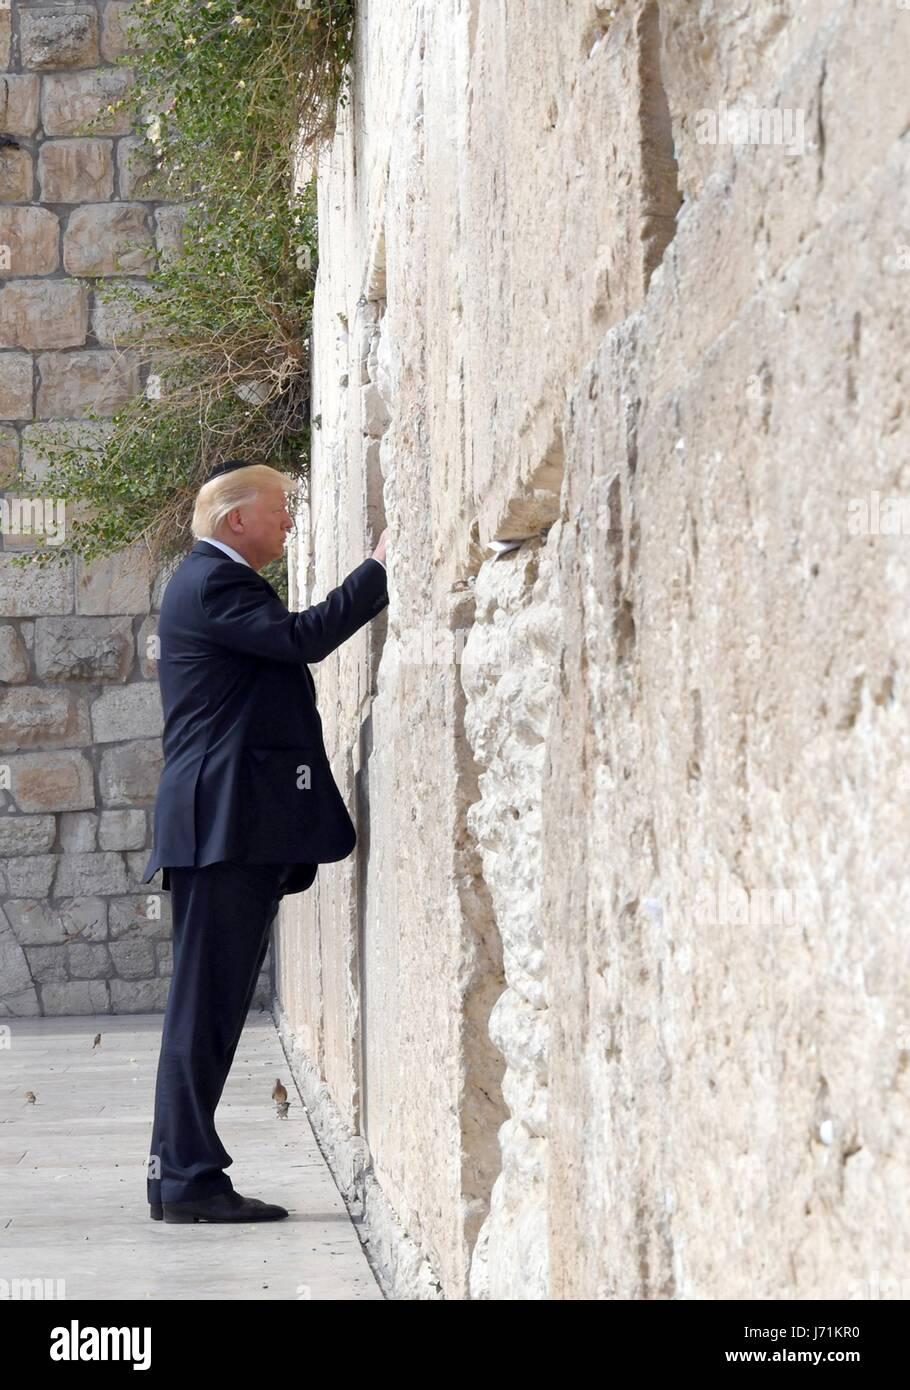 Jerusalén, Israel. 22 de mayo de 2017. El Presidente de Estados Unidos, Donald Trump durante una visita al Imagen De Stock